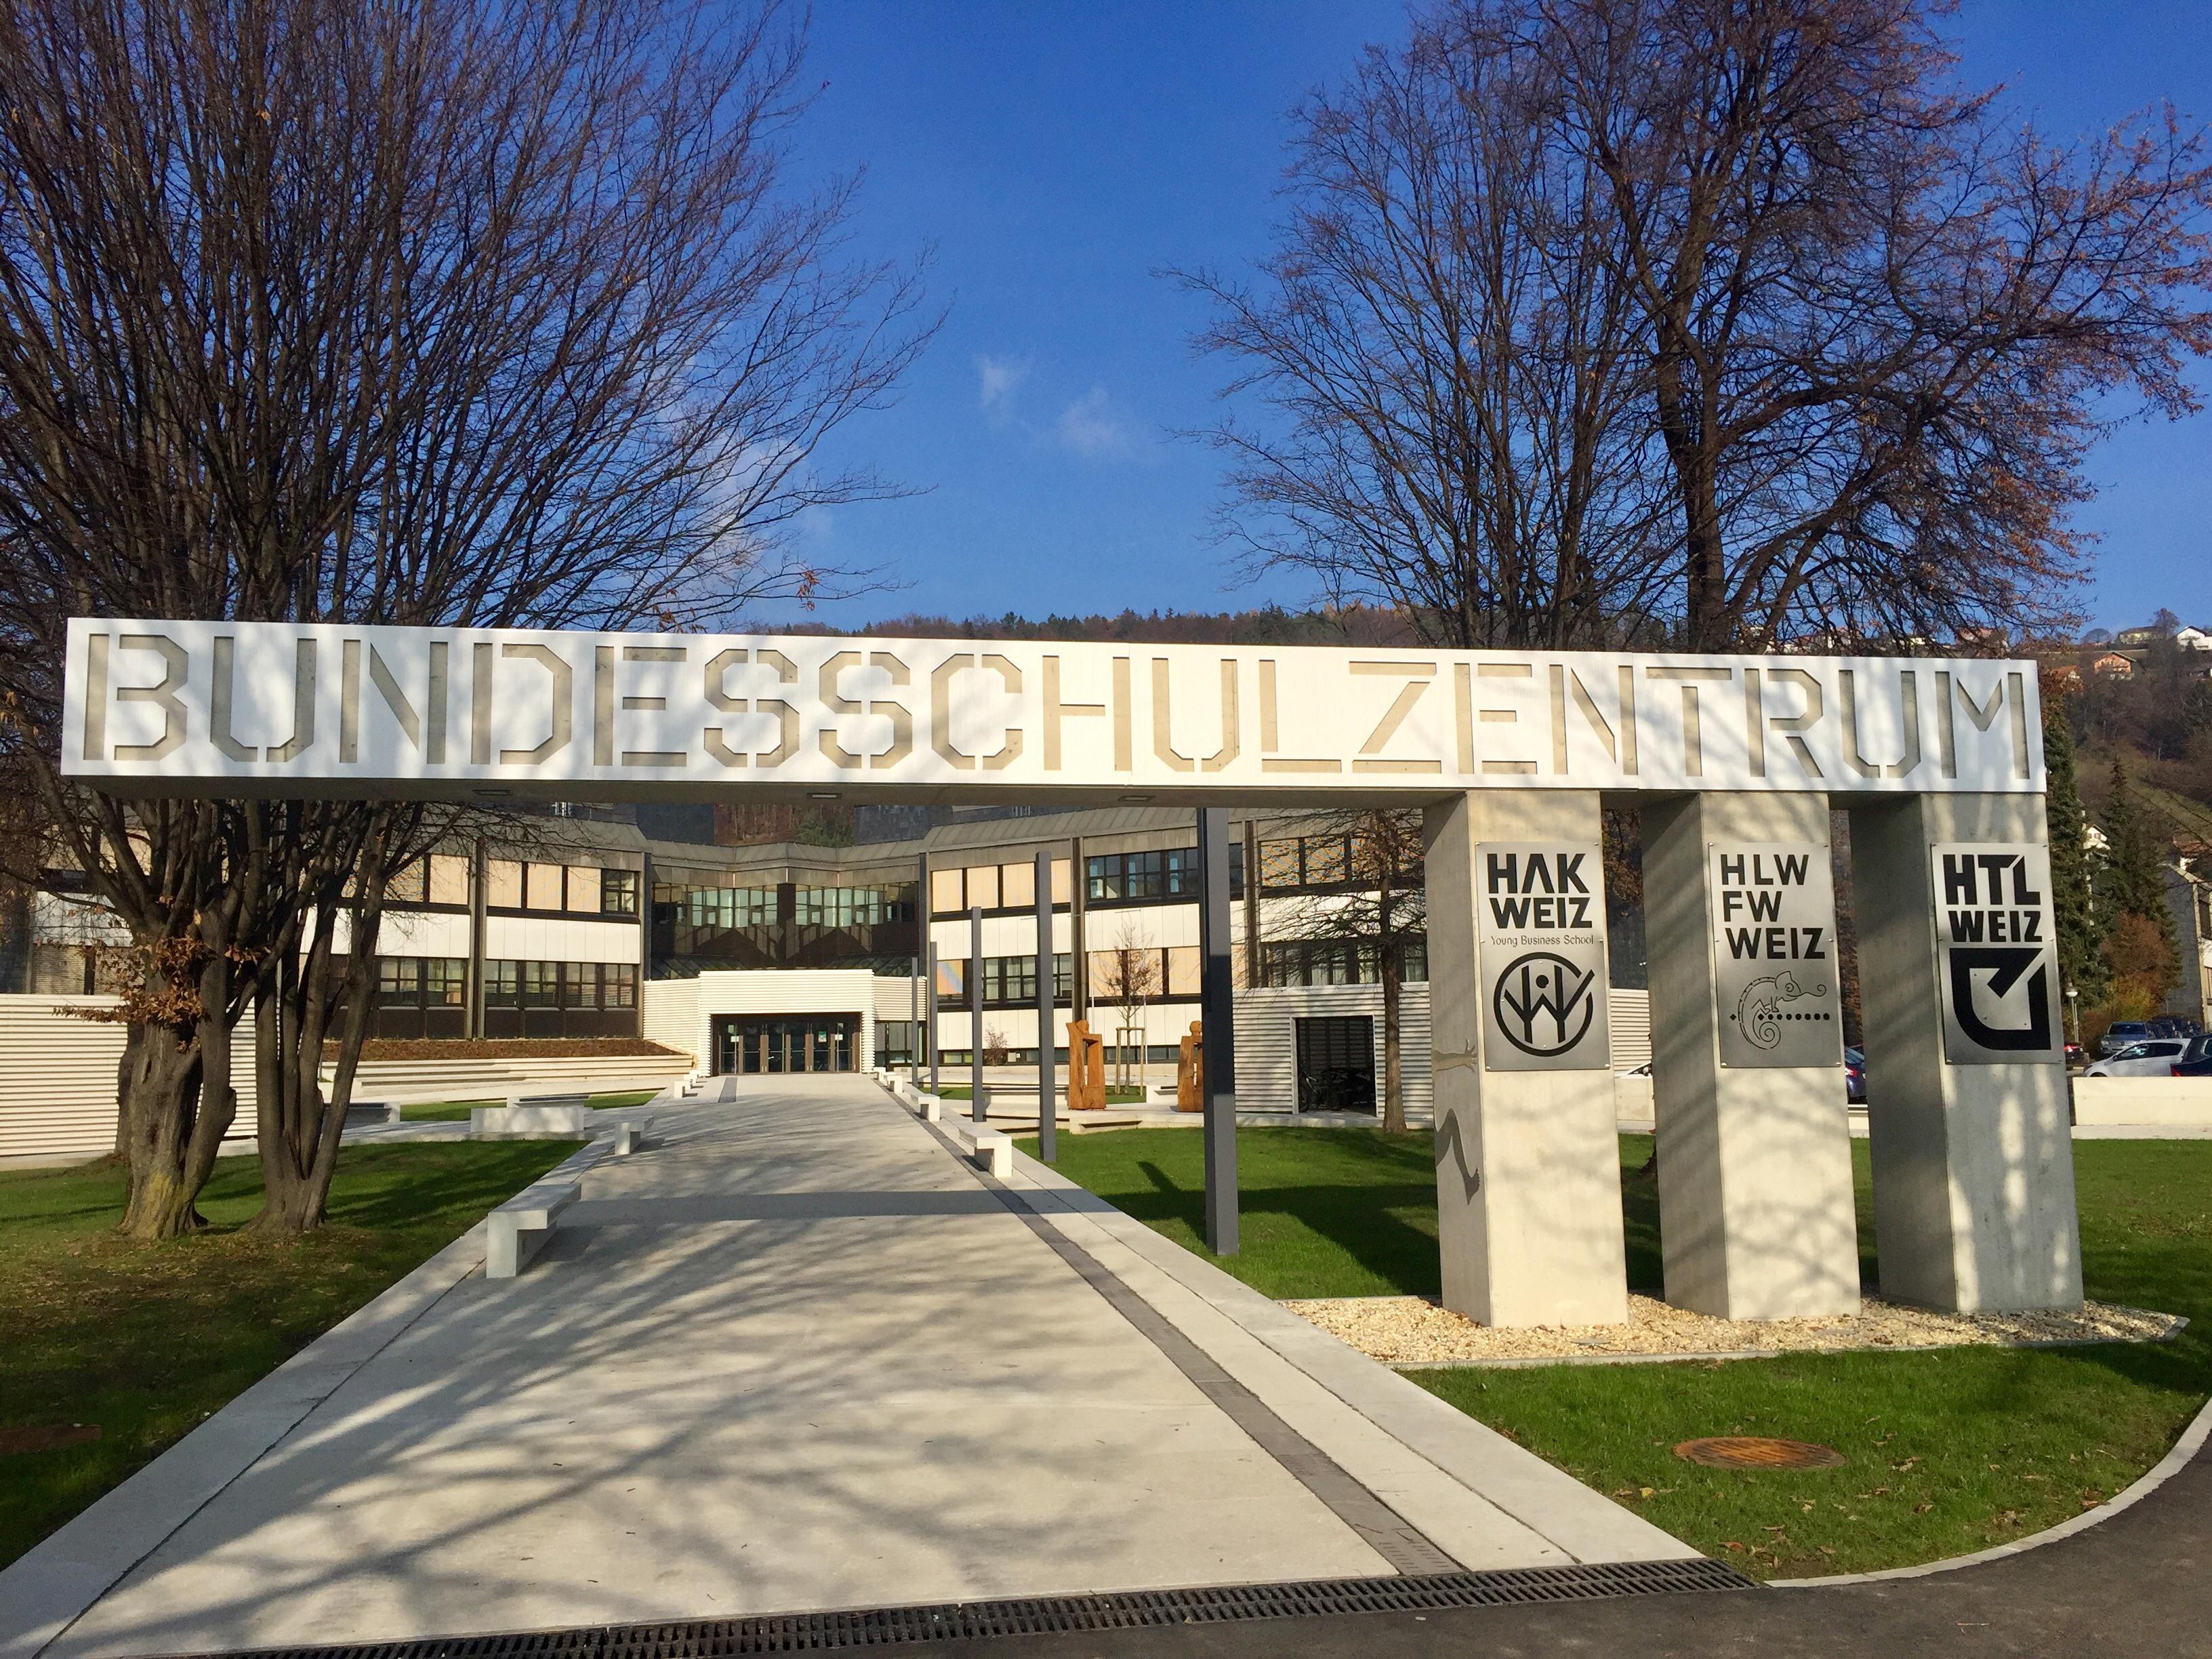 Sie sehen den Eingang zum Bundesschulzentrum in Weiz.